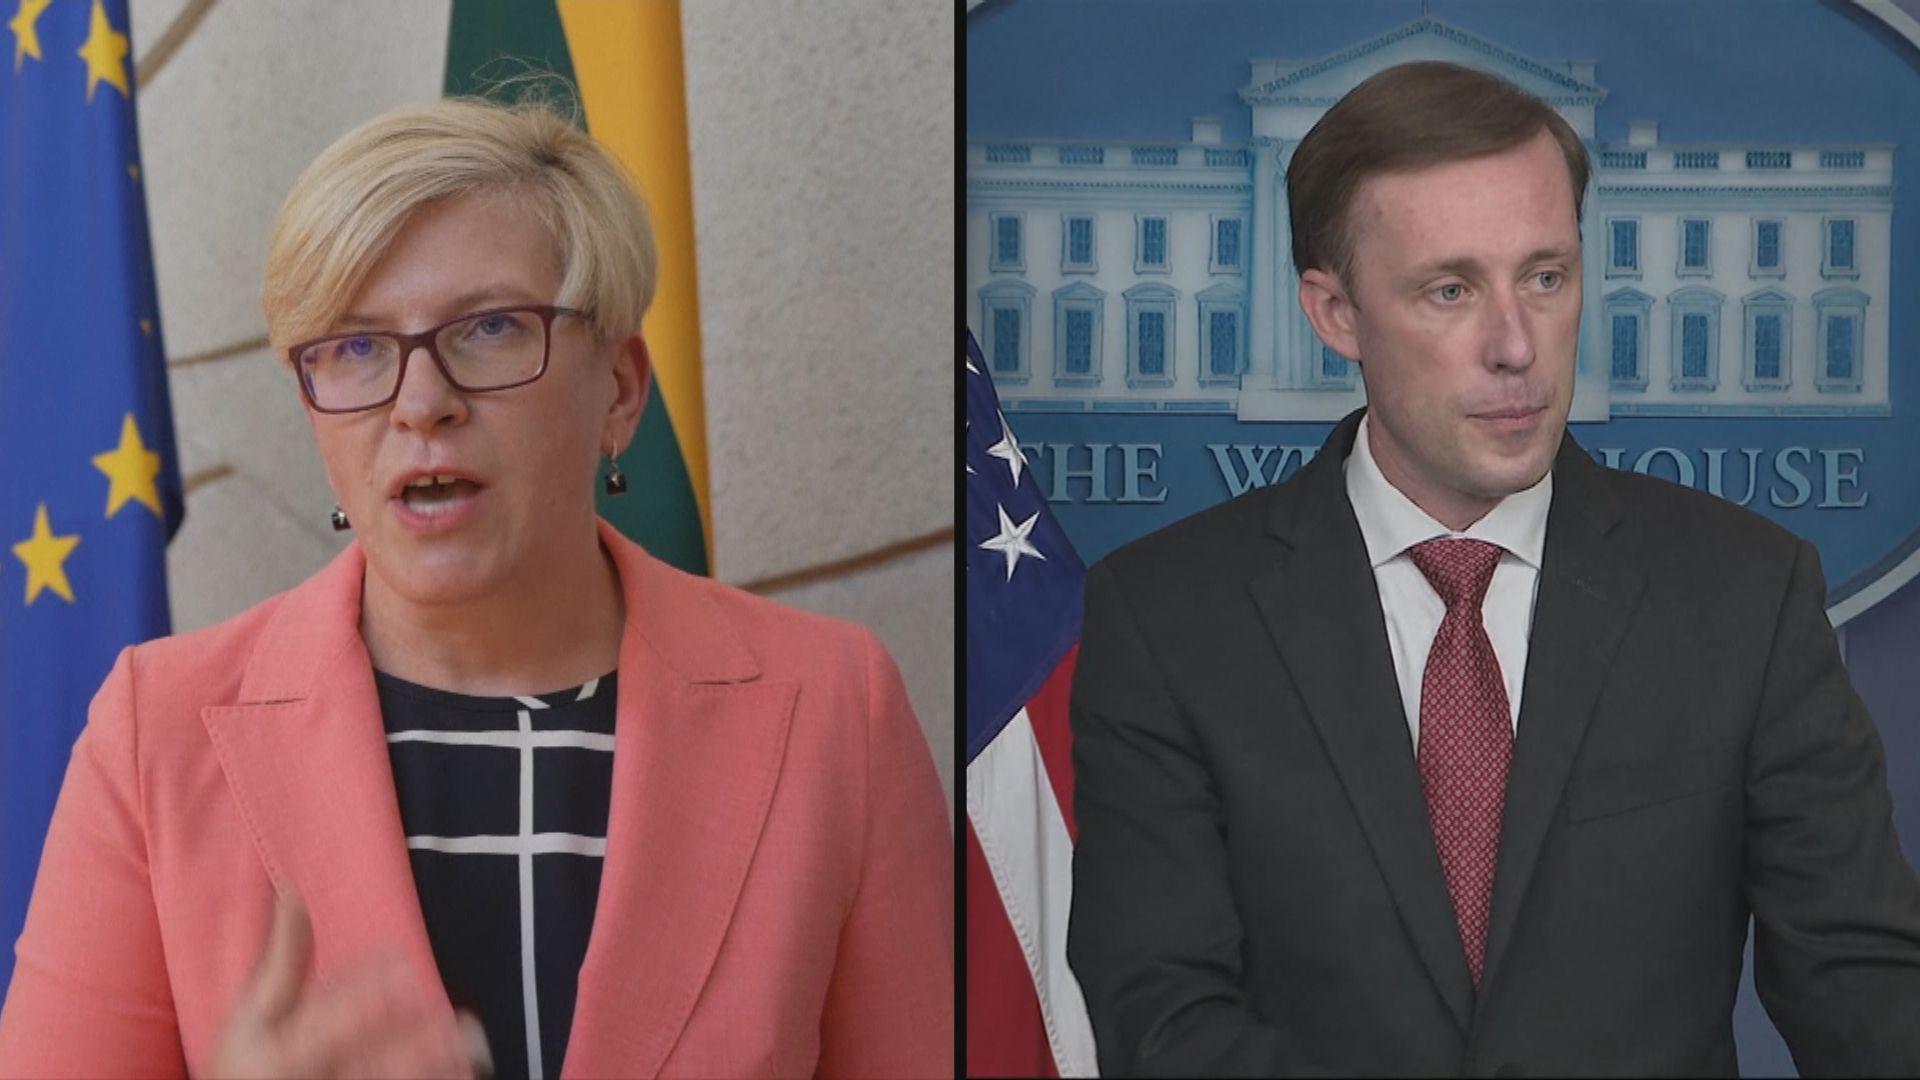 中國被指脅迫立陶宛 美稱強力支持立陶宛應對